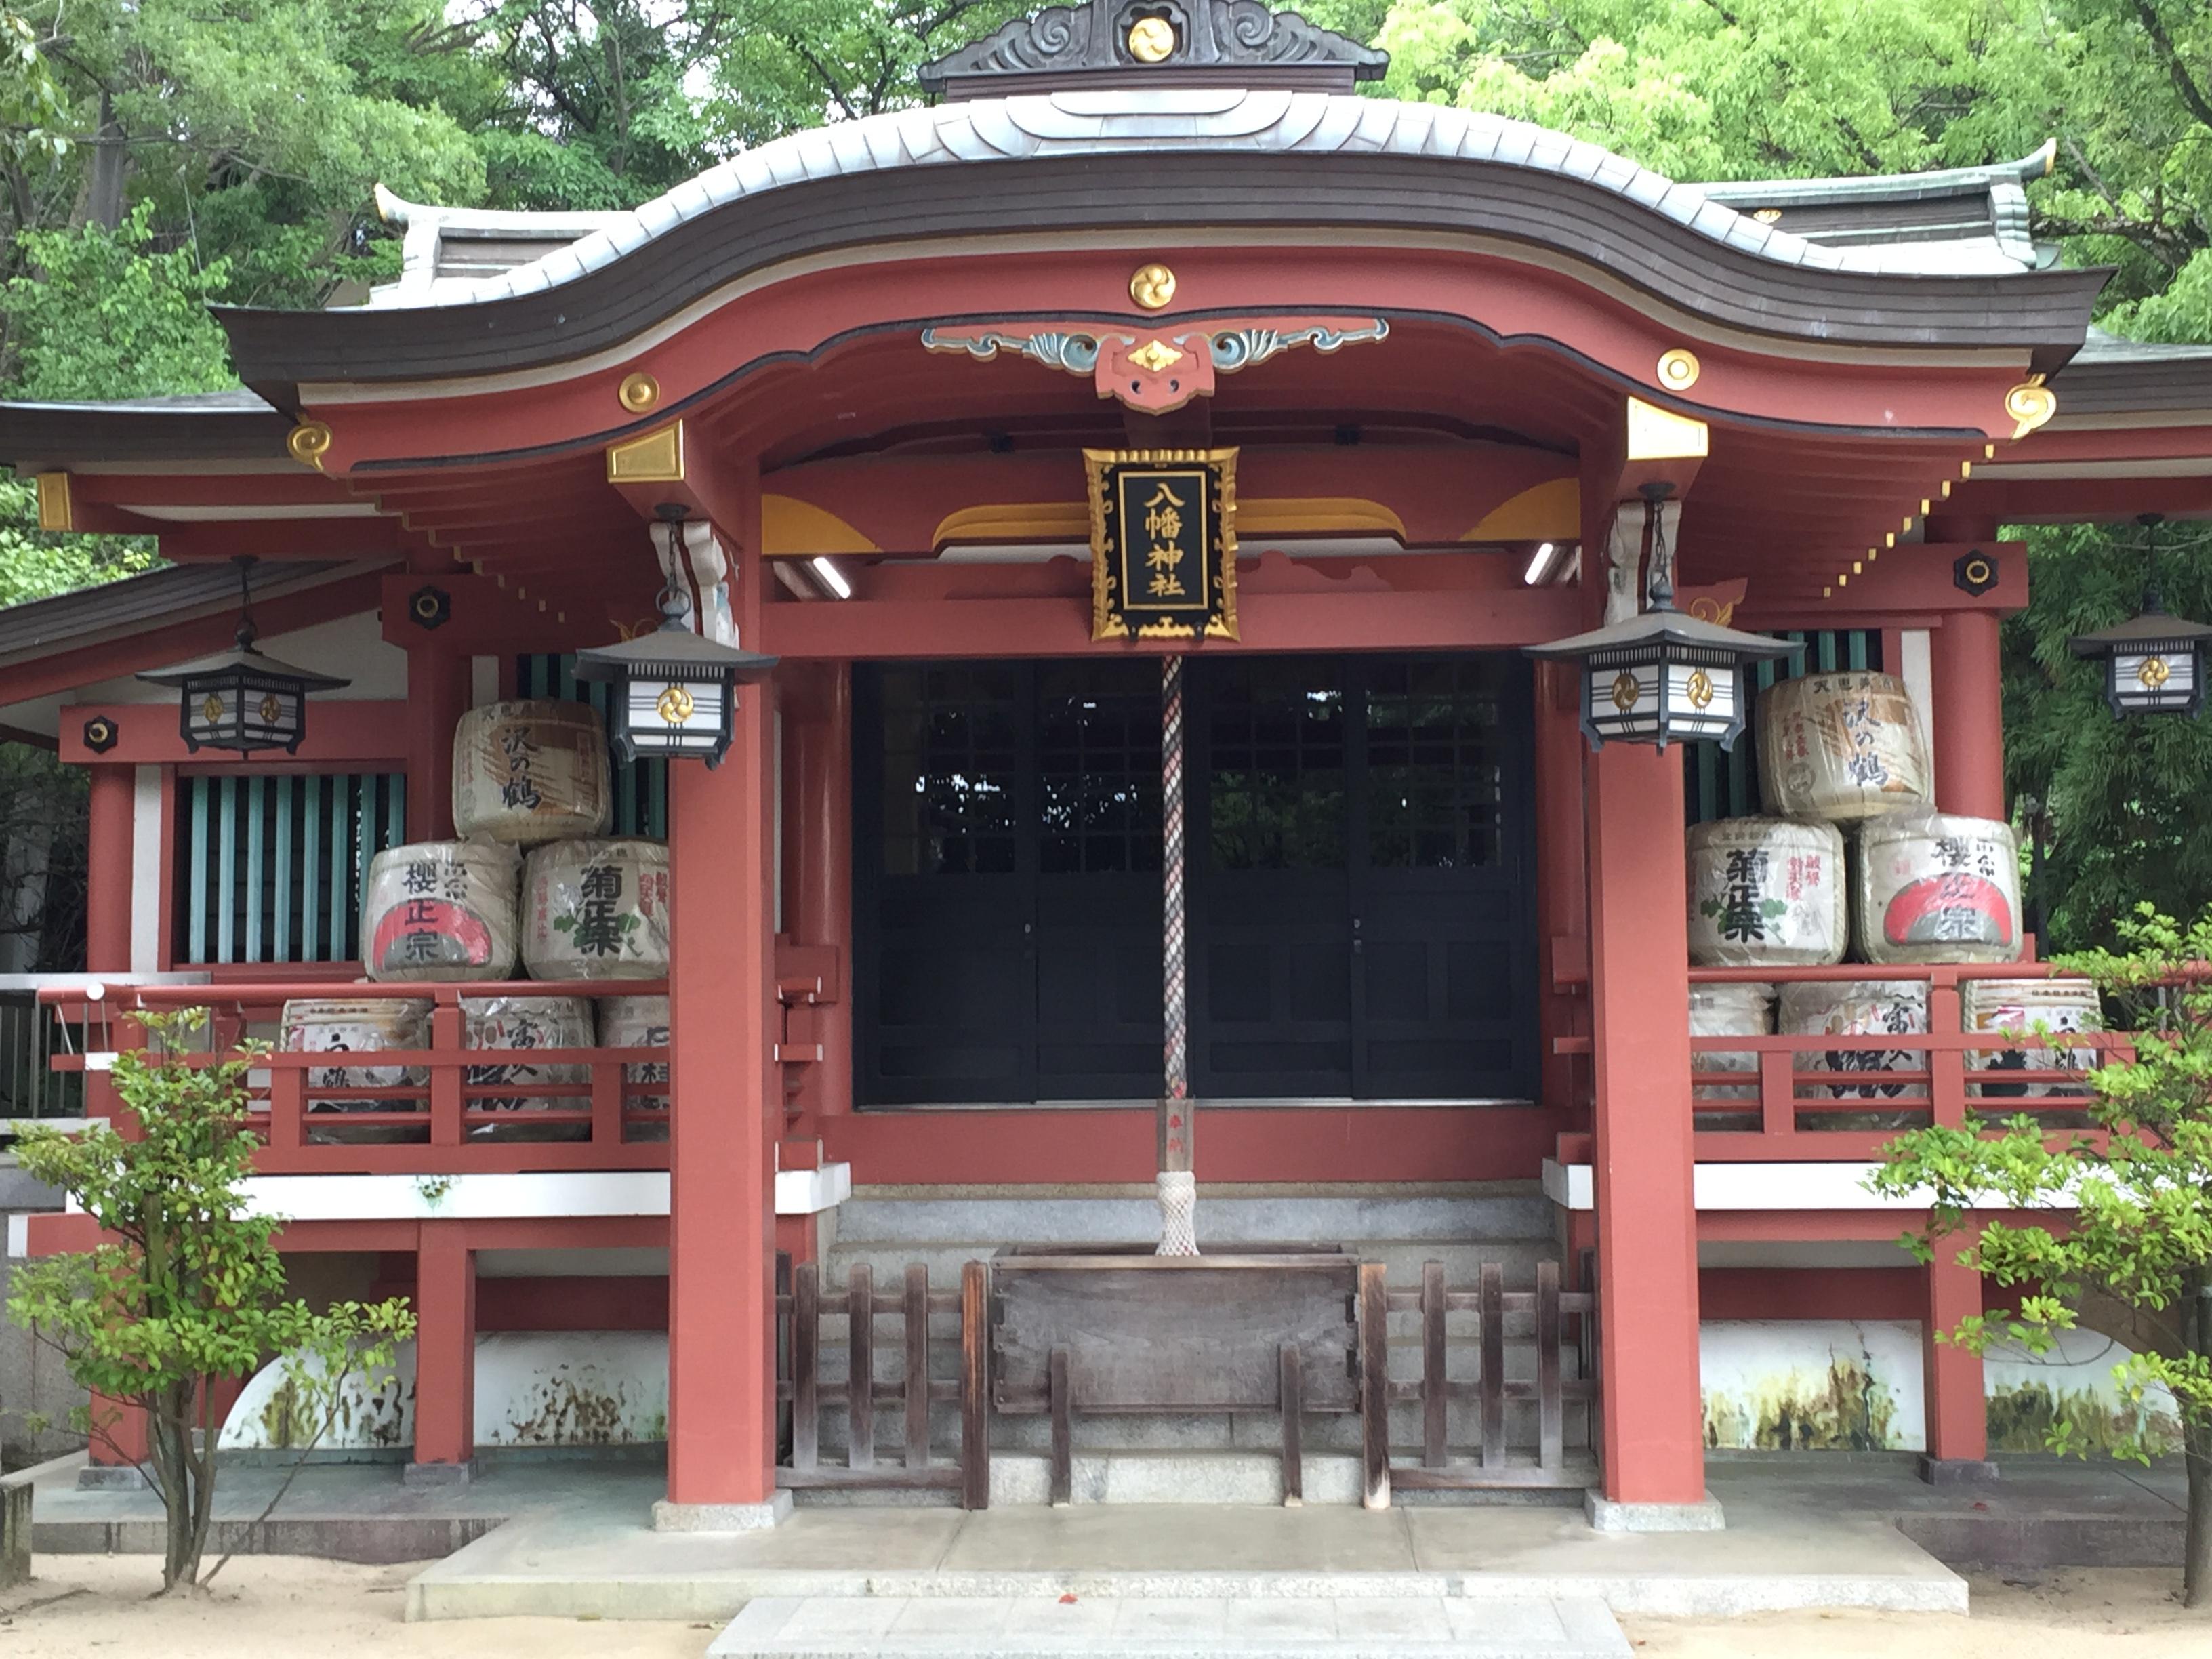 神戸・岡本八幡神社でほっとひと息、坂を登って参拝してきた【※写真付レポ】